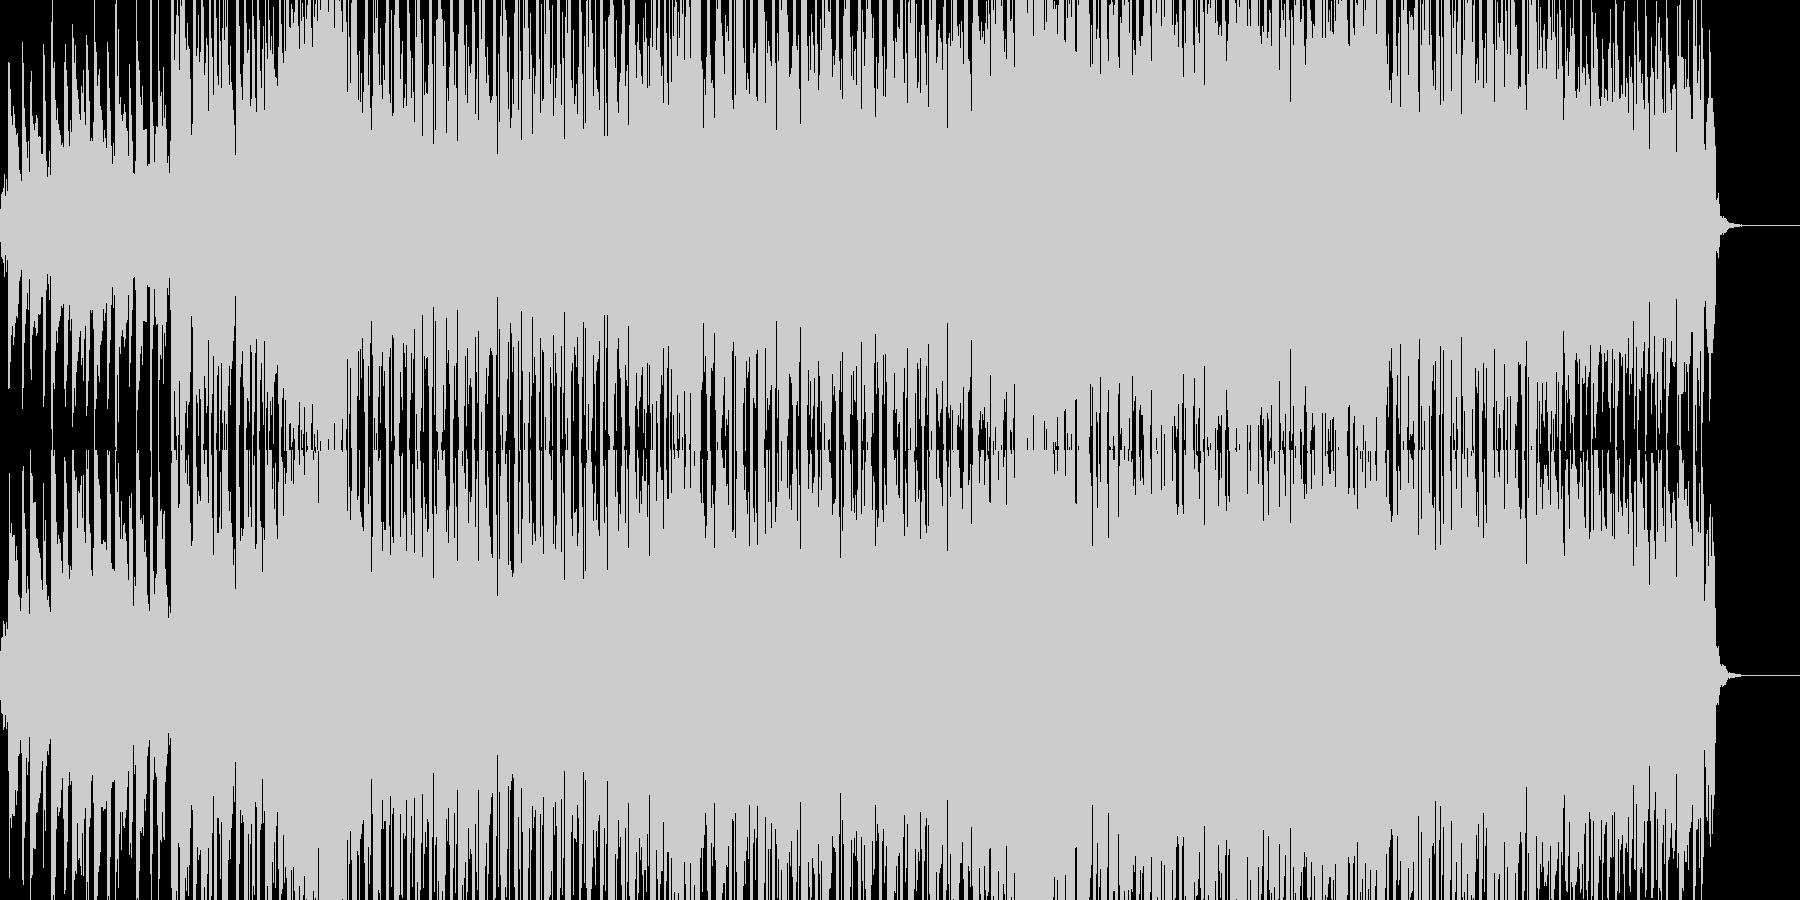 おしゃれなピアノのダンスミュージックの未再生の波形